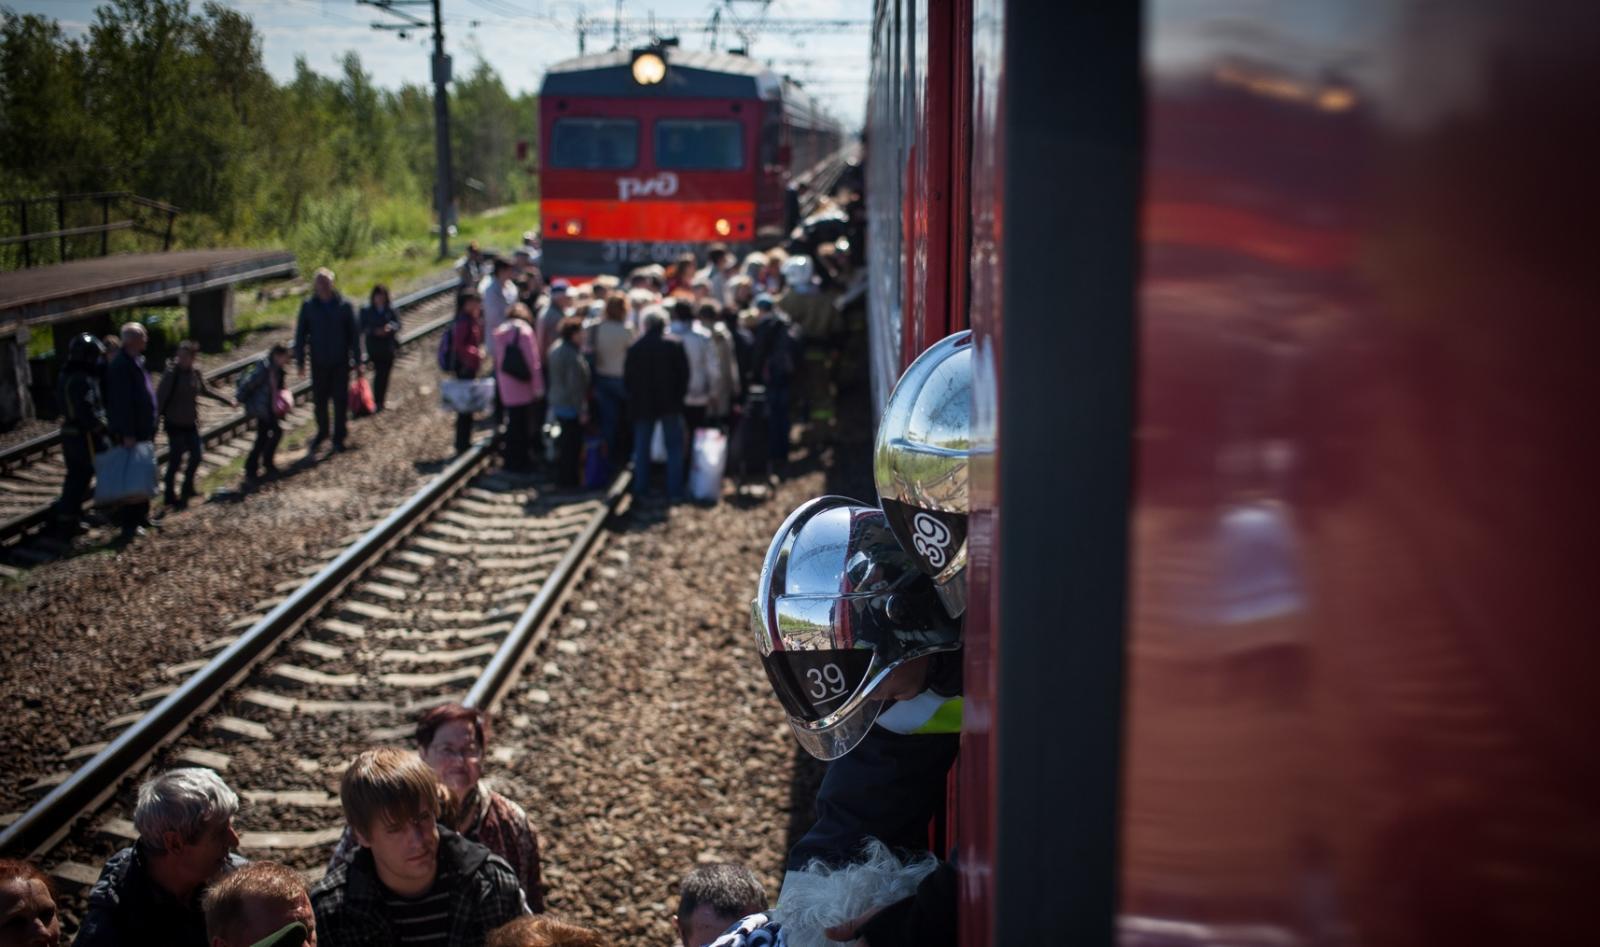 Из-за угрозы взрыва в городе Сельцо эвакуировали пассажиров электрички